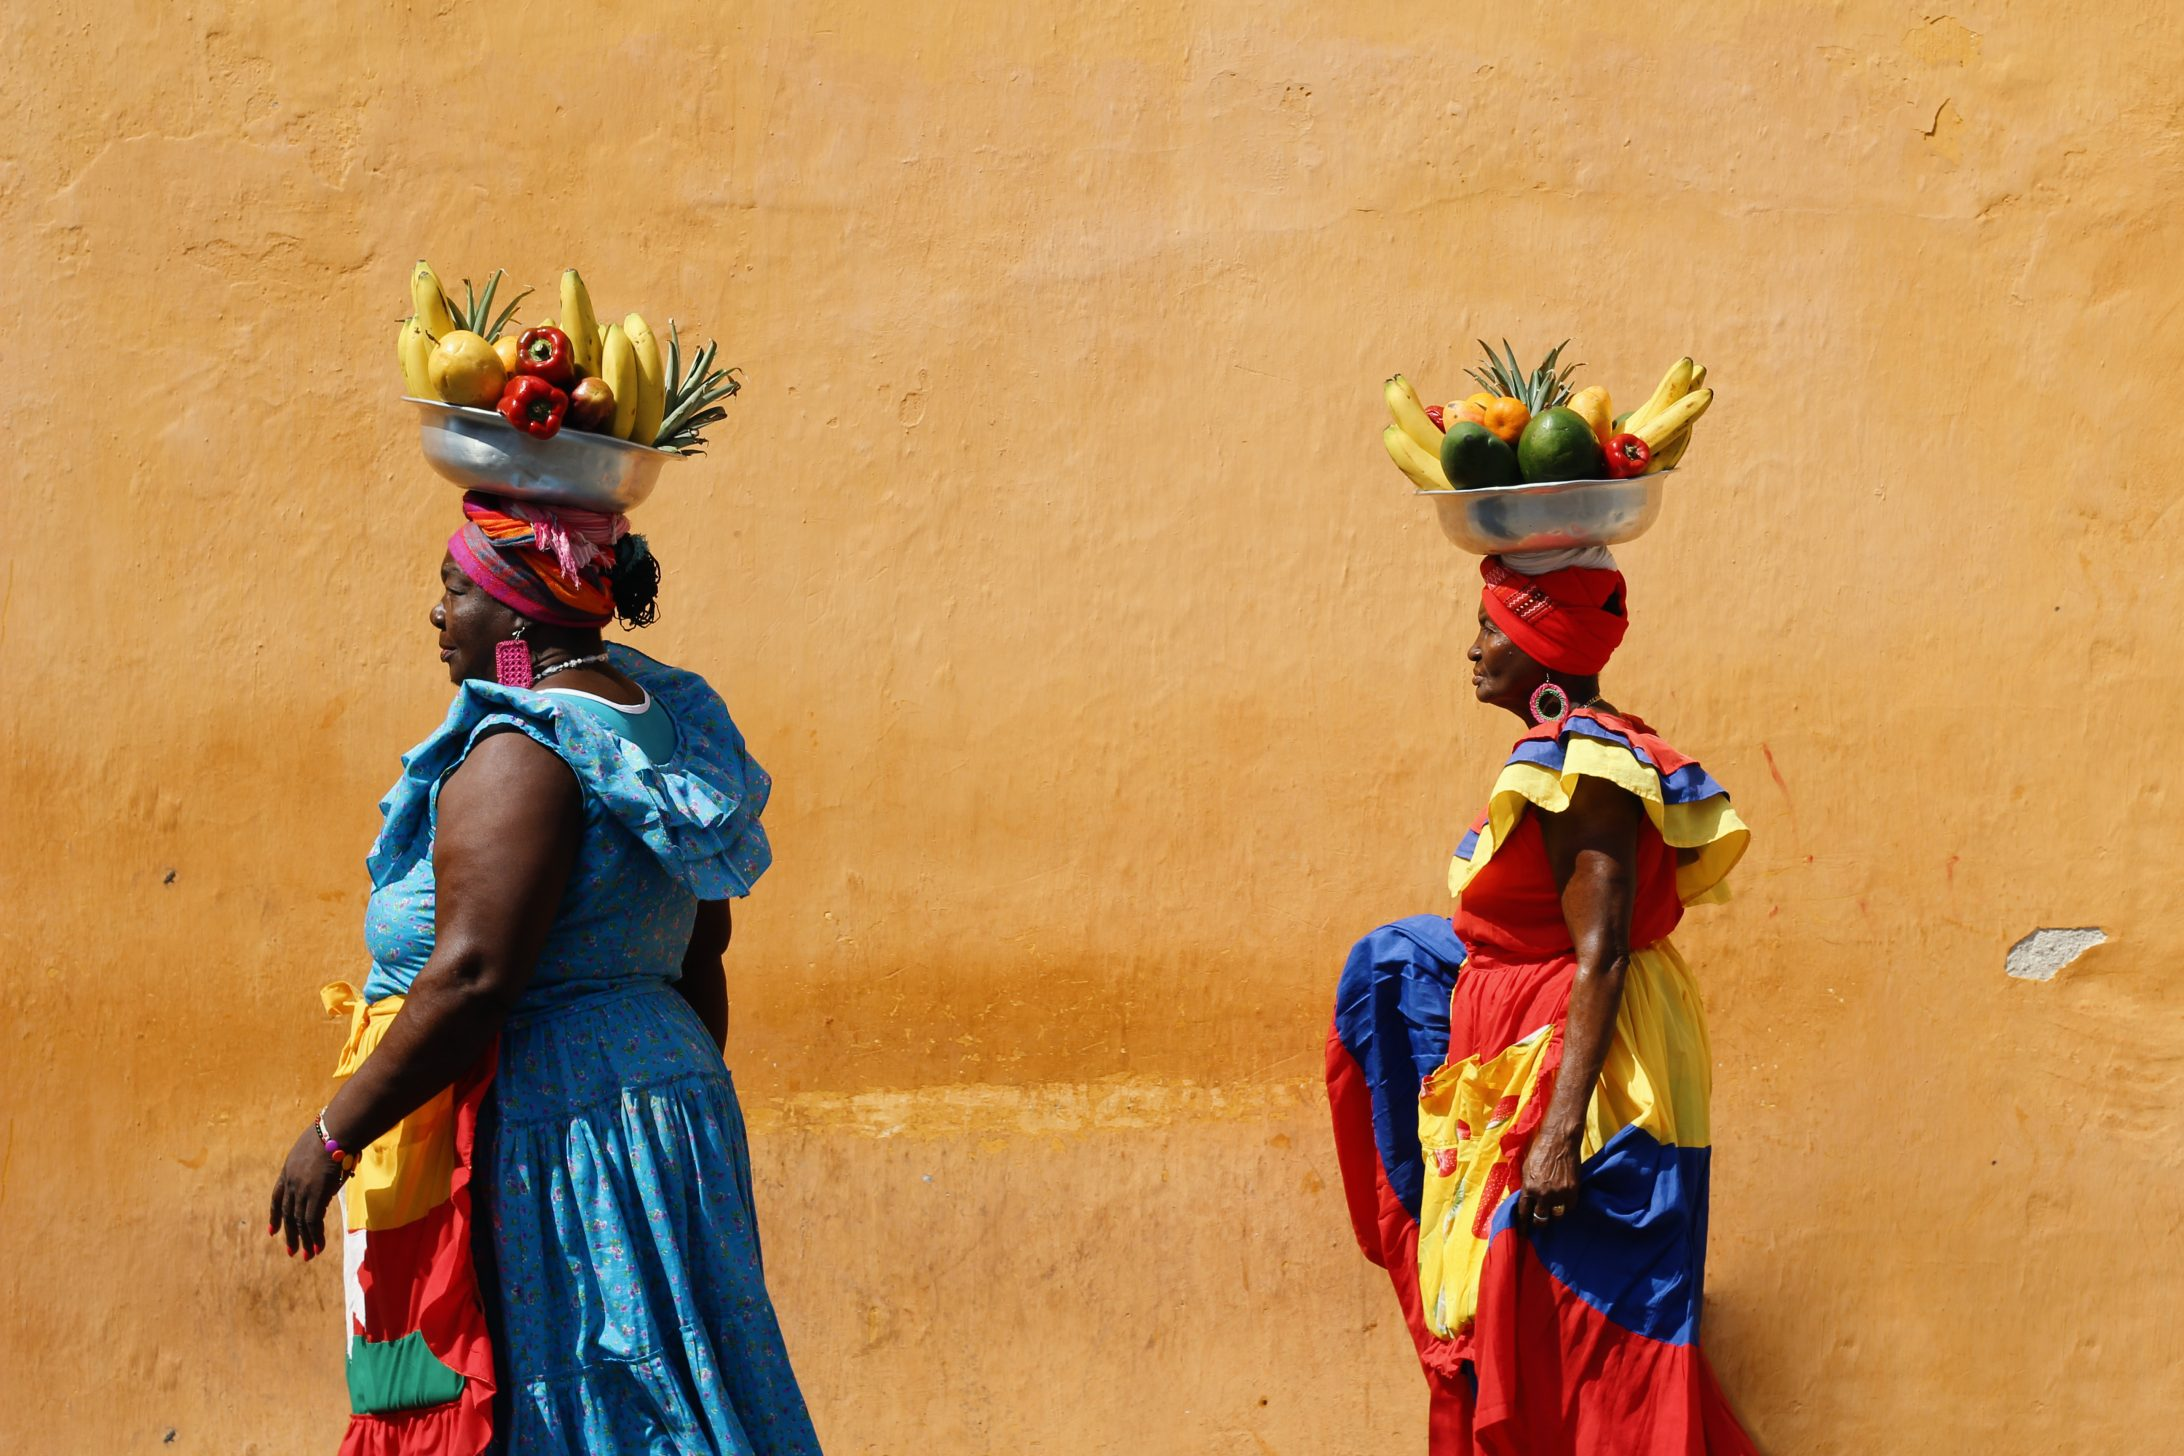 cestovanie-po-kolumbii-co-treba-pred-cestou-vediet-itinerar-mojej-trasy